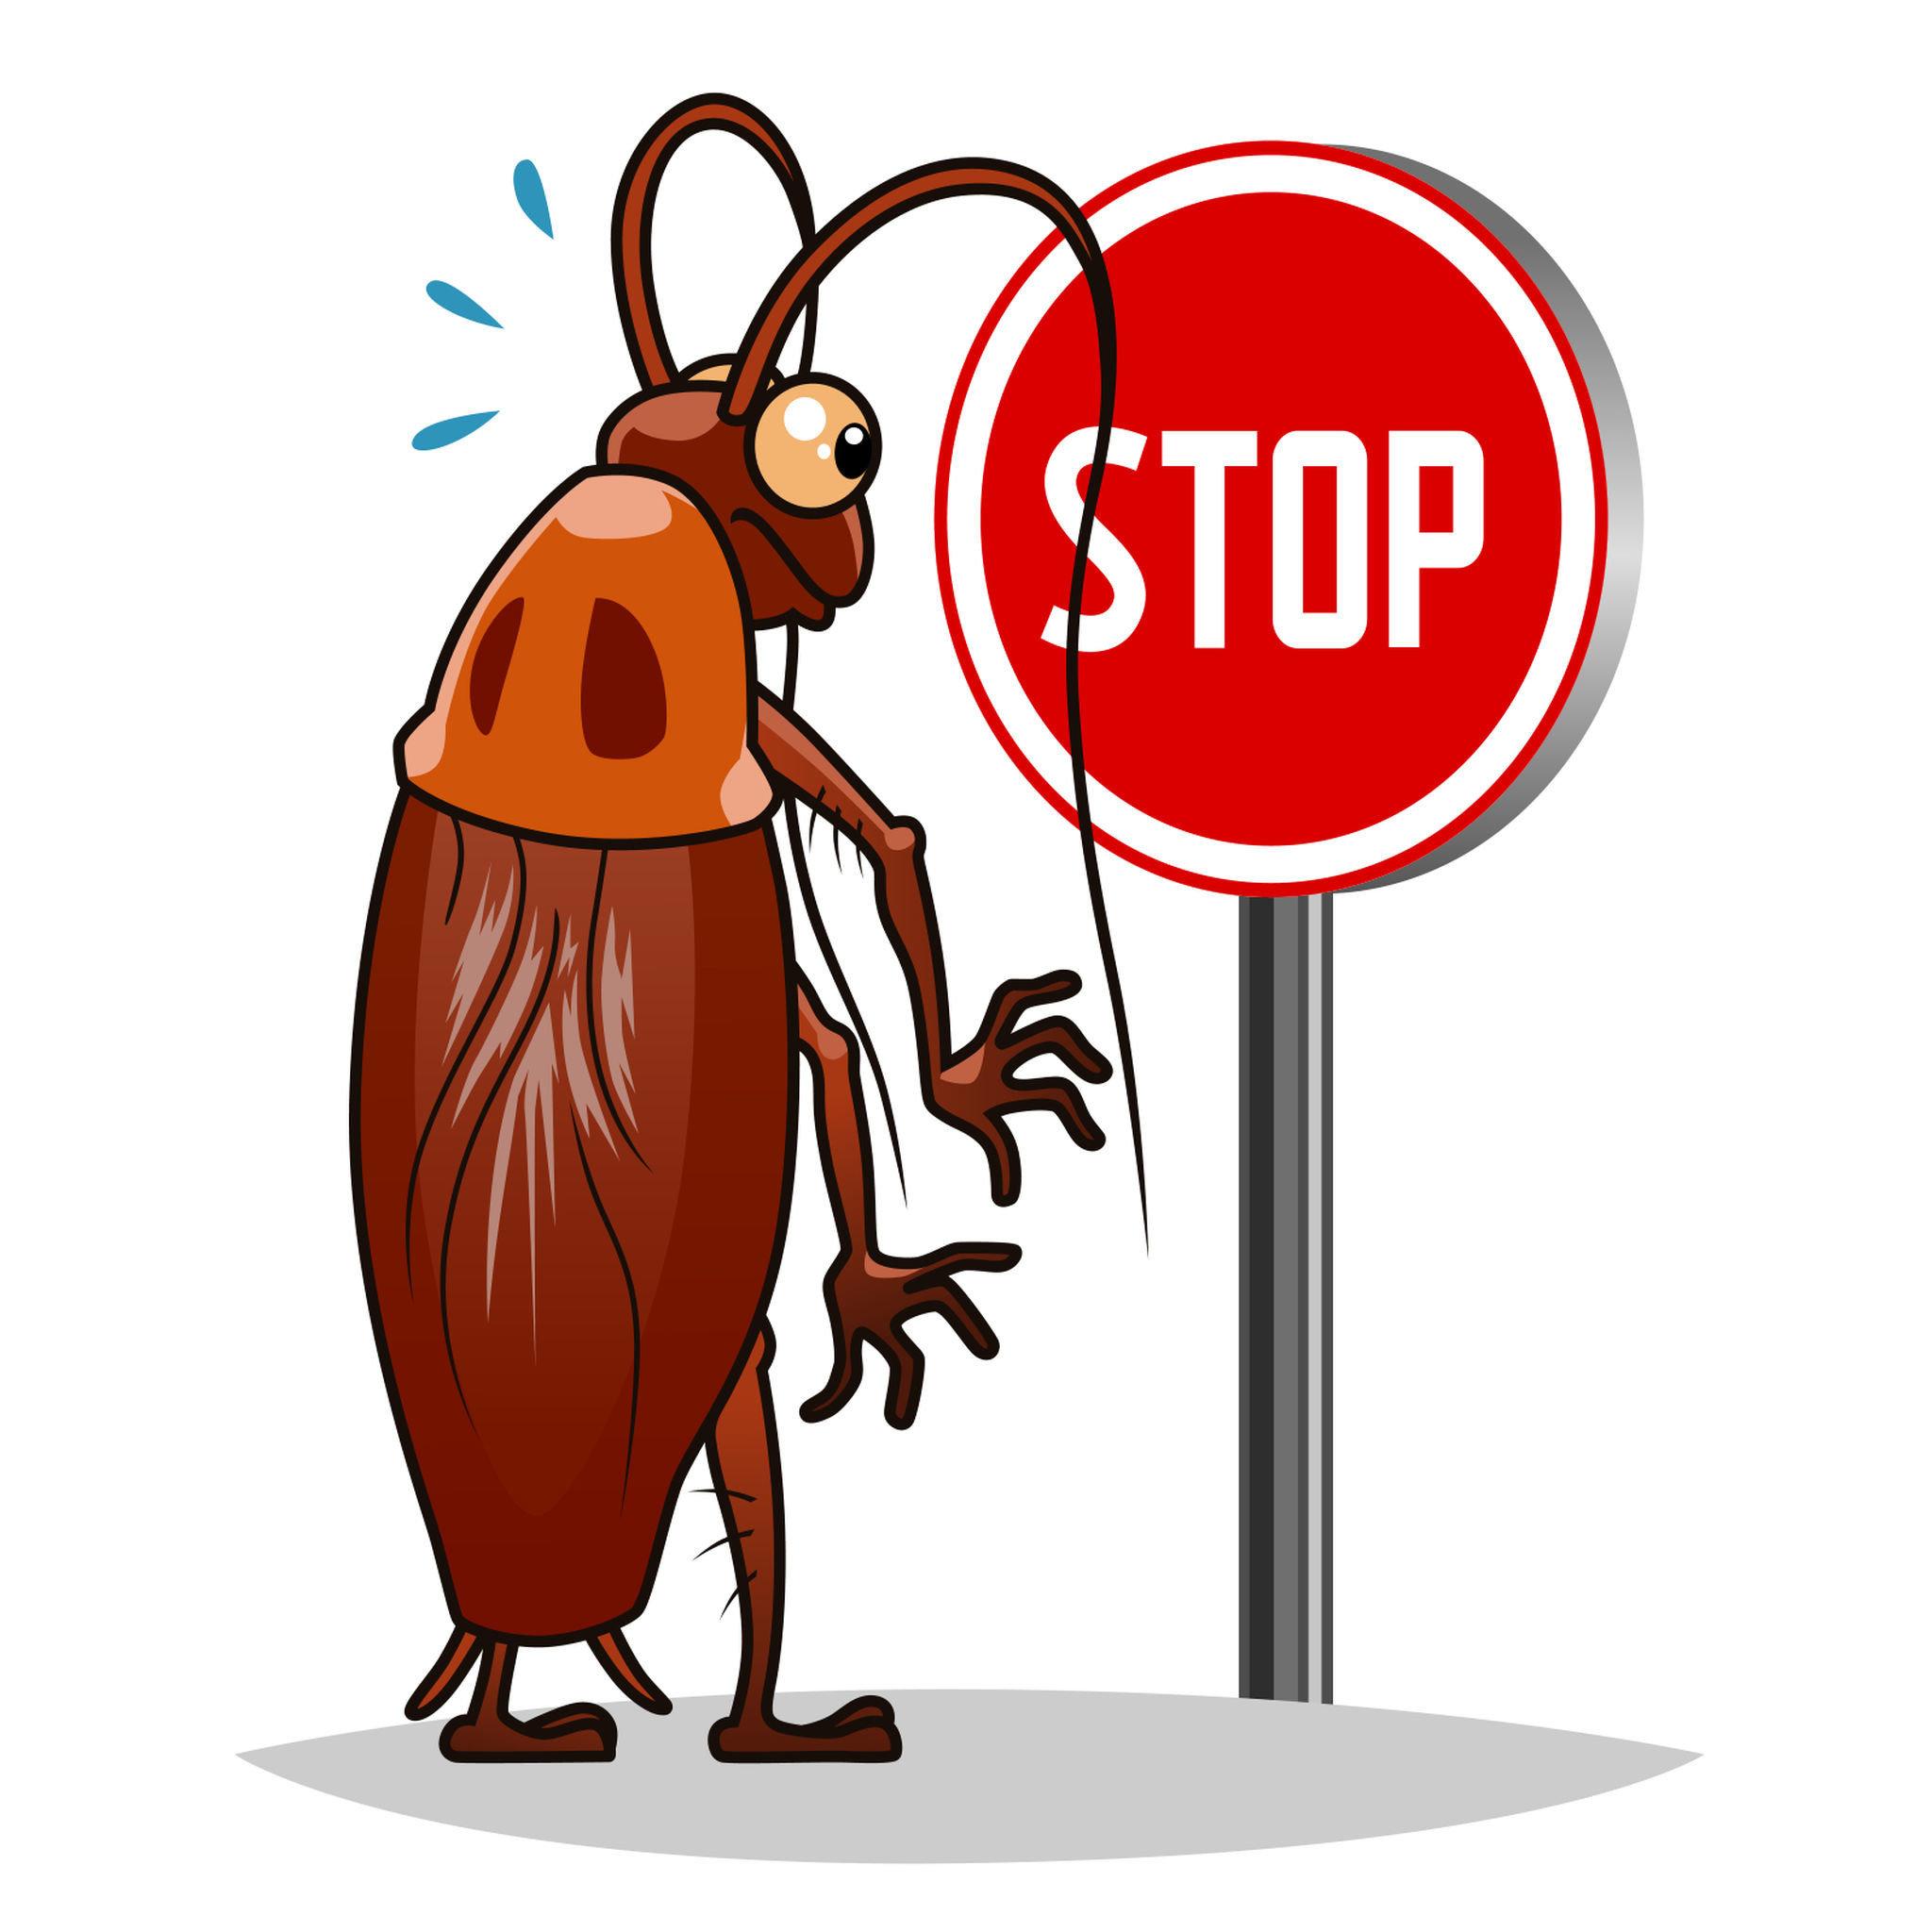 保持環境整潔是預防小蟑螂出沒最基本的方式,且避免雜物堆放。此外未食用完畢的食物也盡量密封,桌面、水槽等地方也盡量避免有水殘留,將食物與水斷絕之後,蟑螂便很難繼續生存。